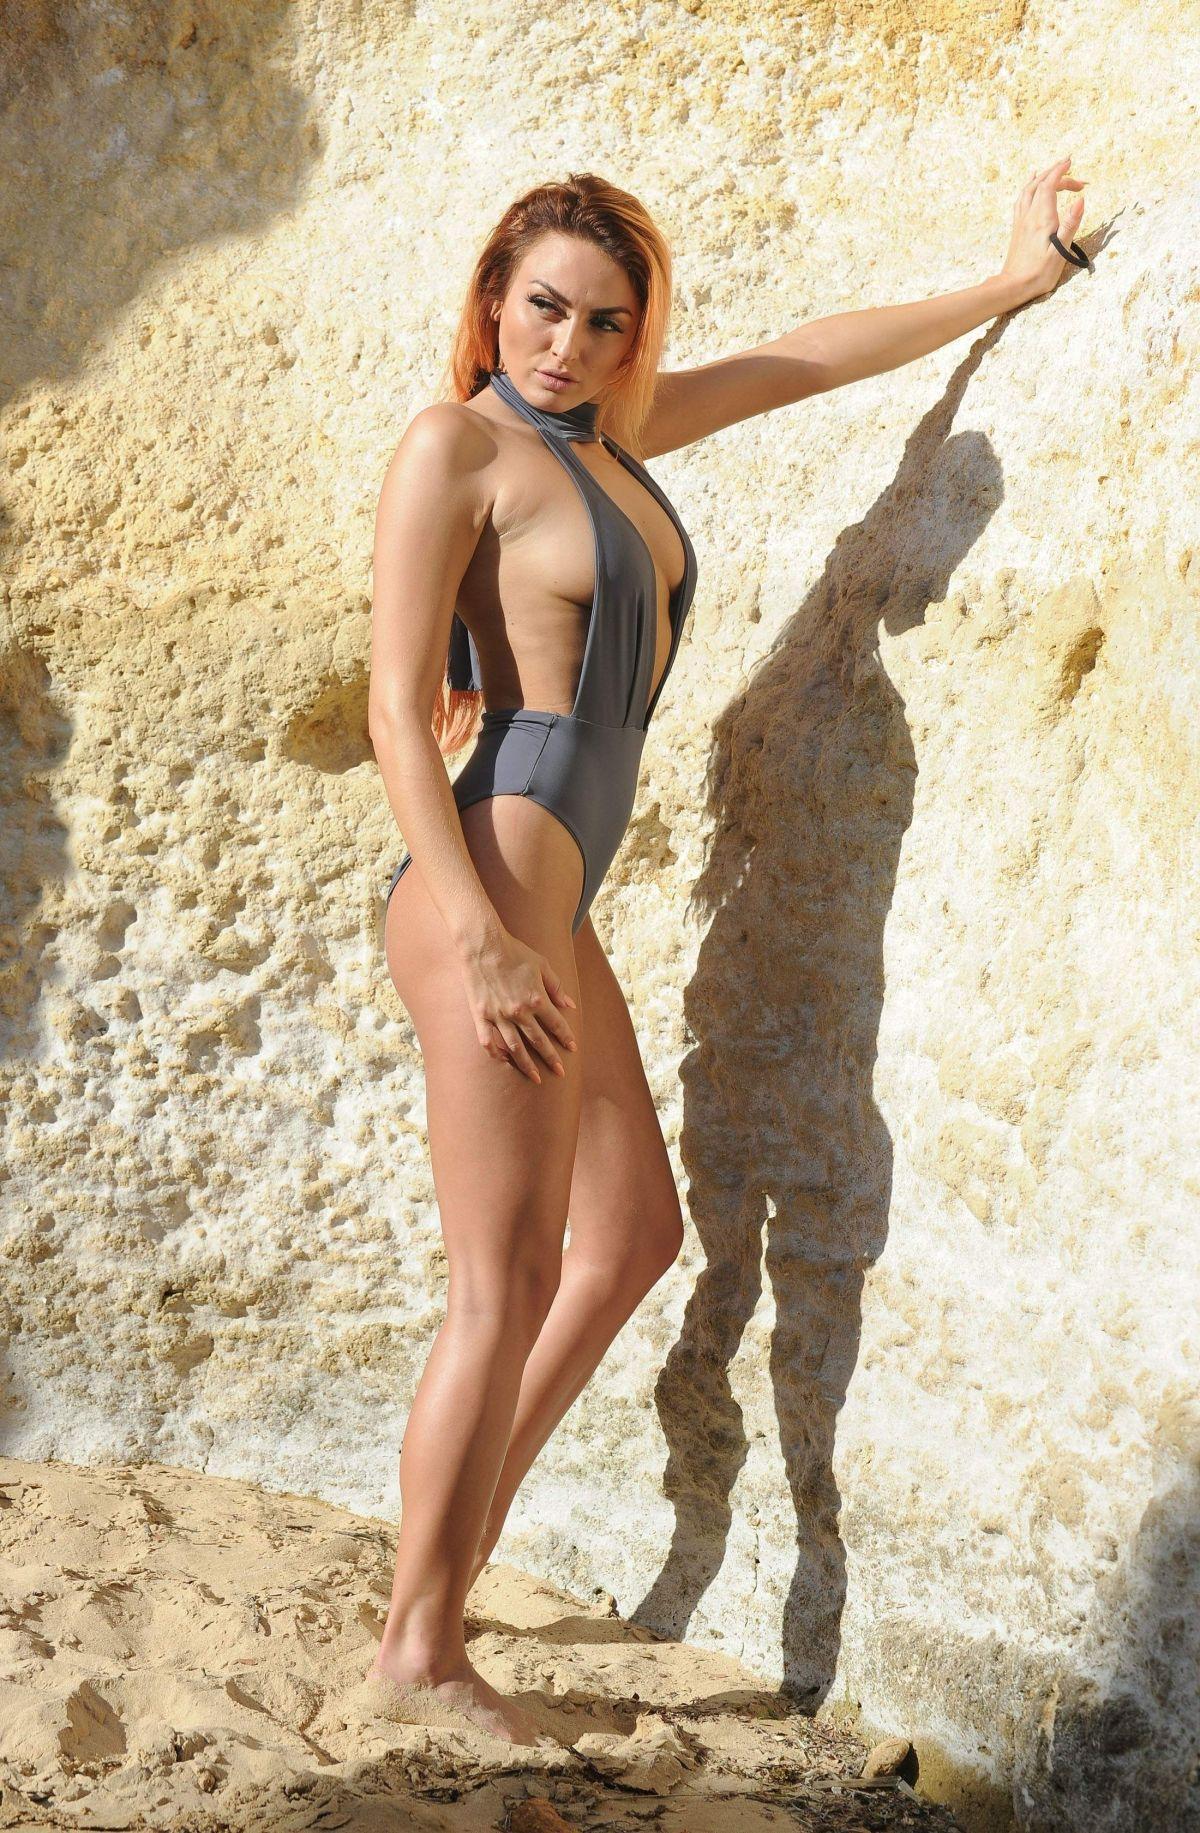 Zaralena Jackson nude (47 pictures), pictures Topless, iCloud, panties 2017